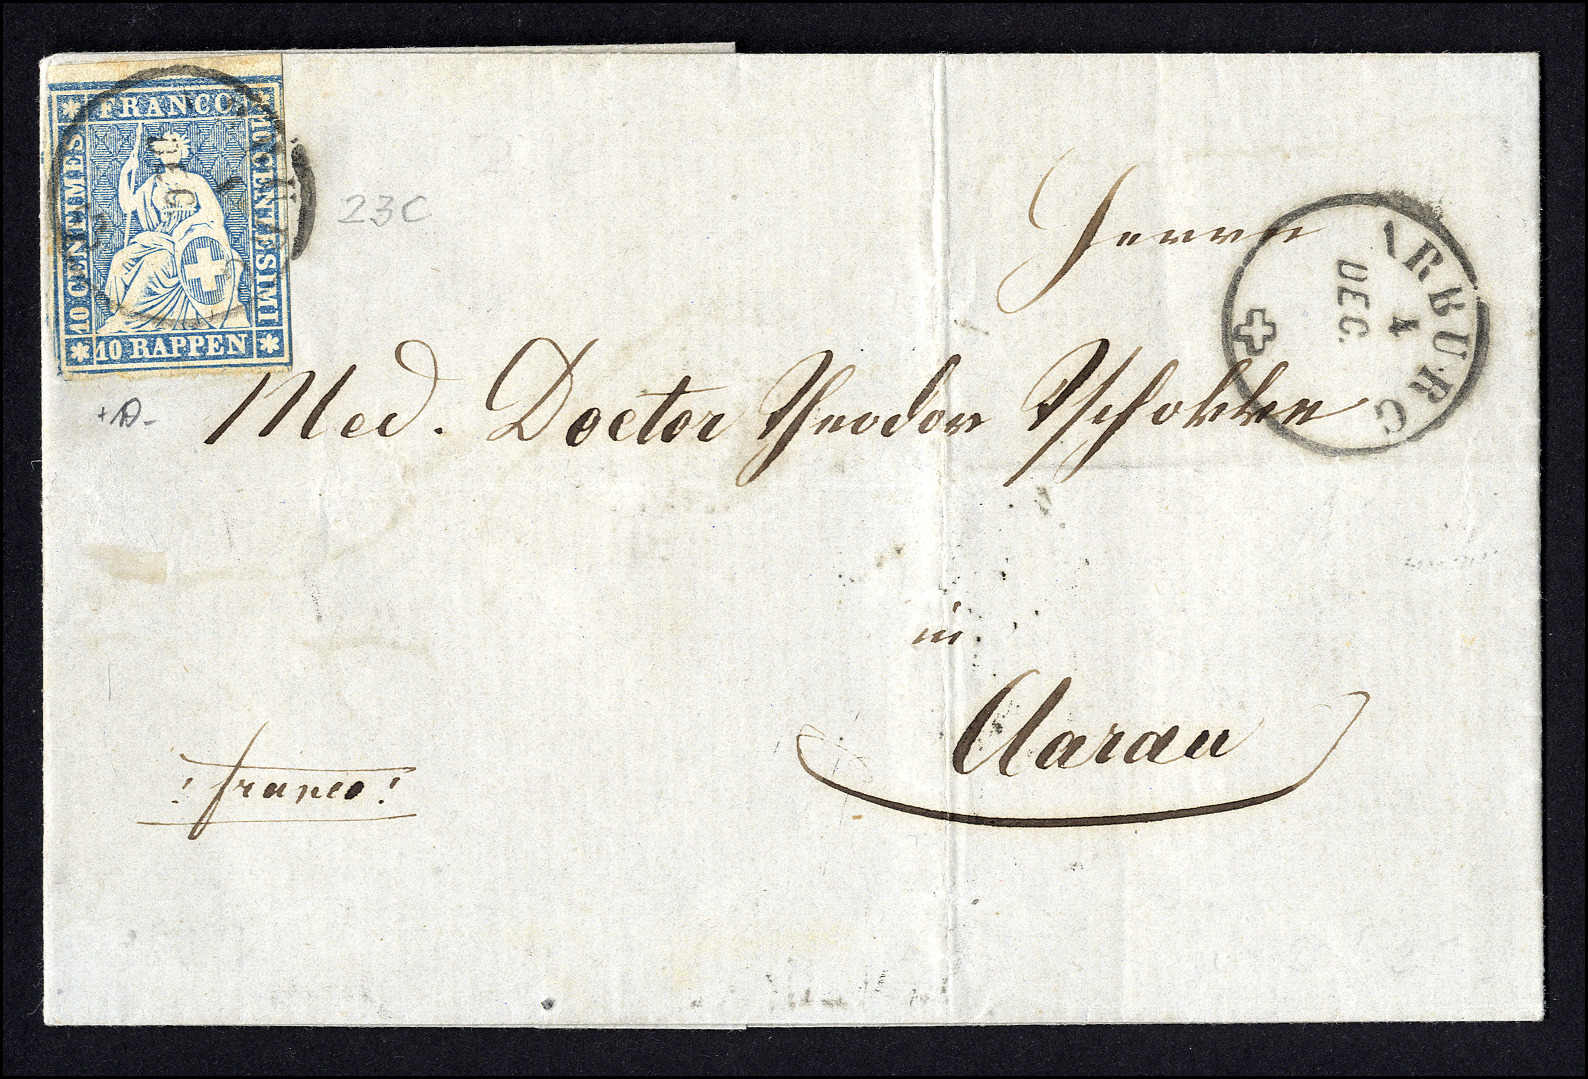 Lot 45 - sammlungen und posten sammlungen und posten altschweiz -  Rolli Auctions Auction #68 Day 1